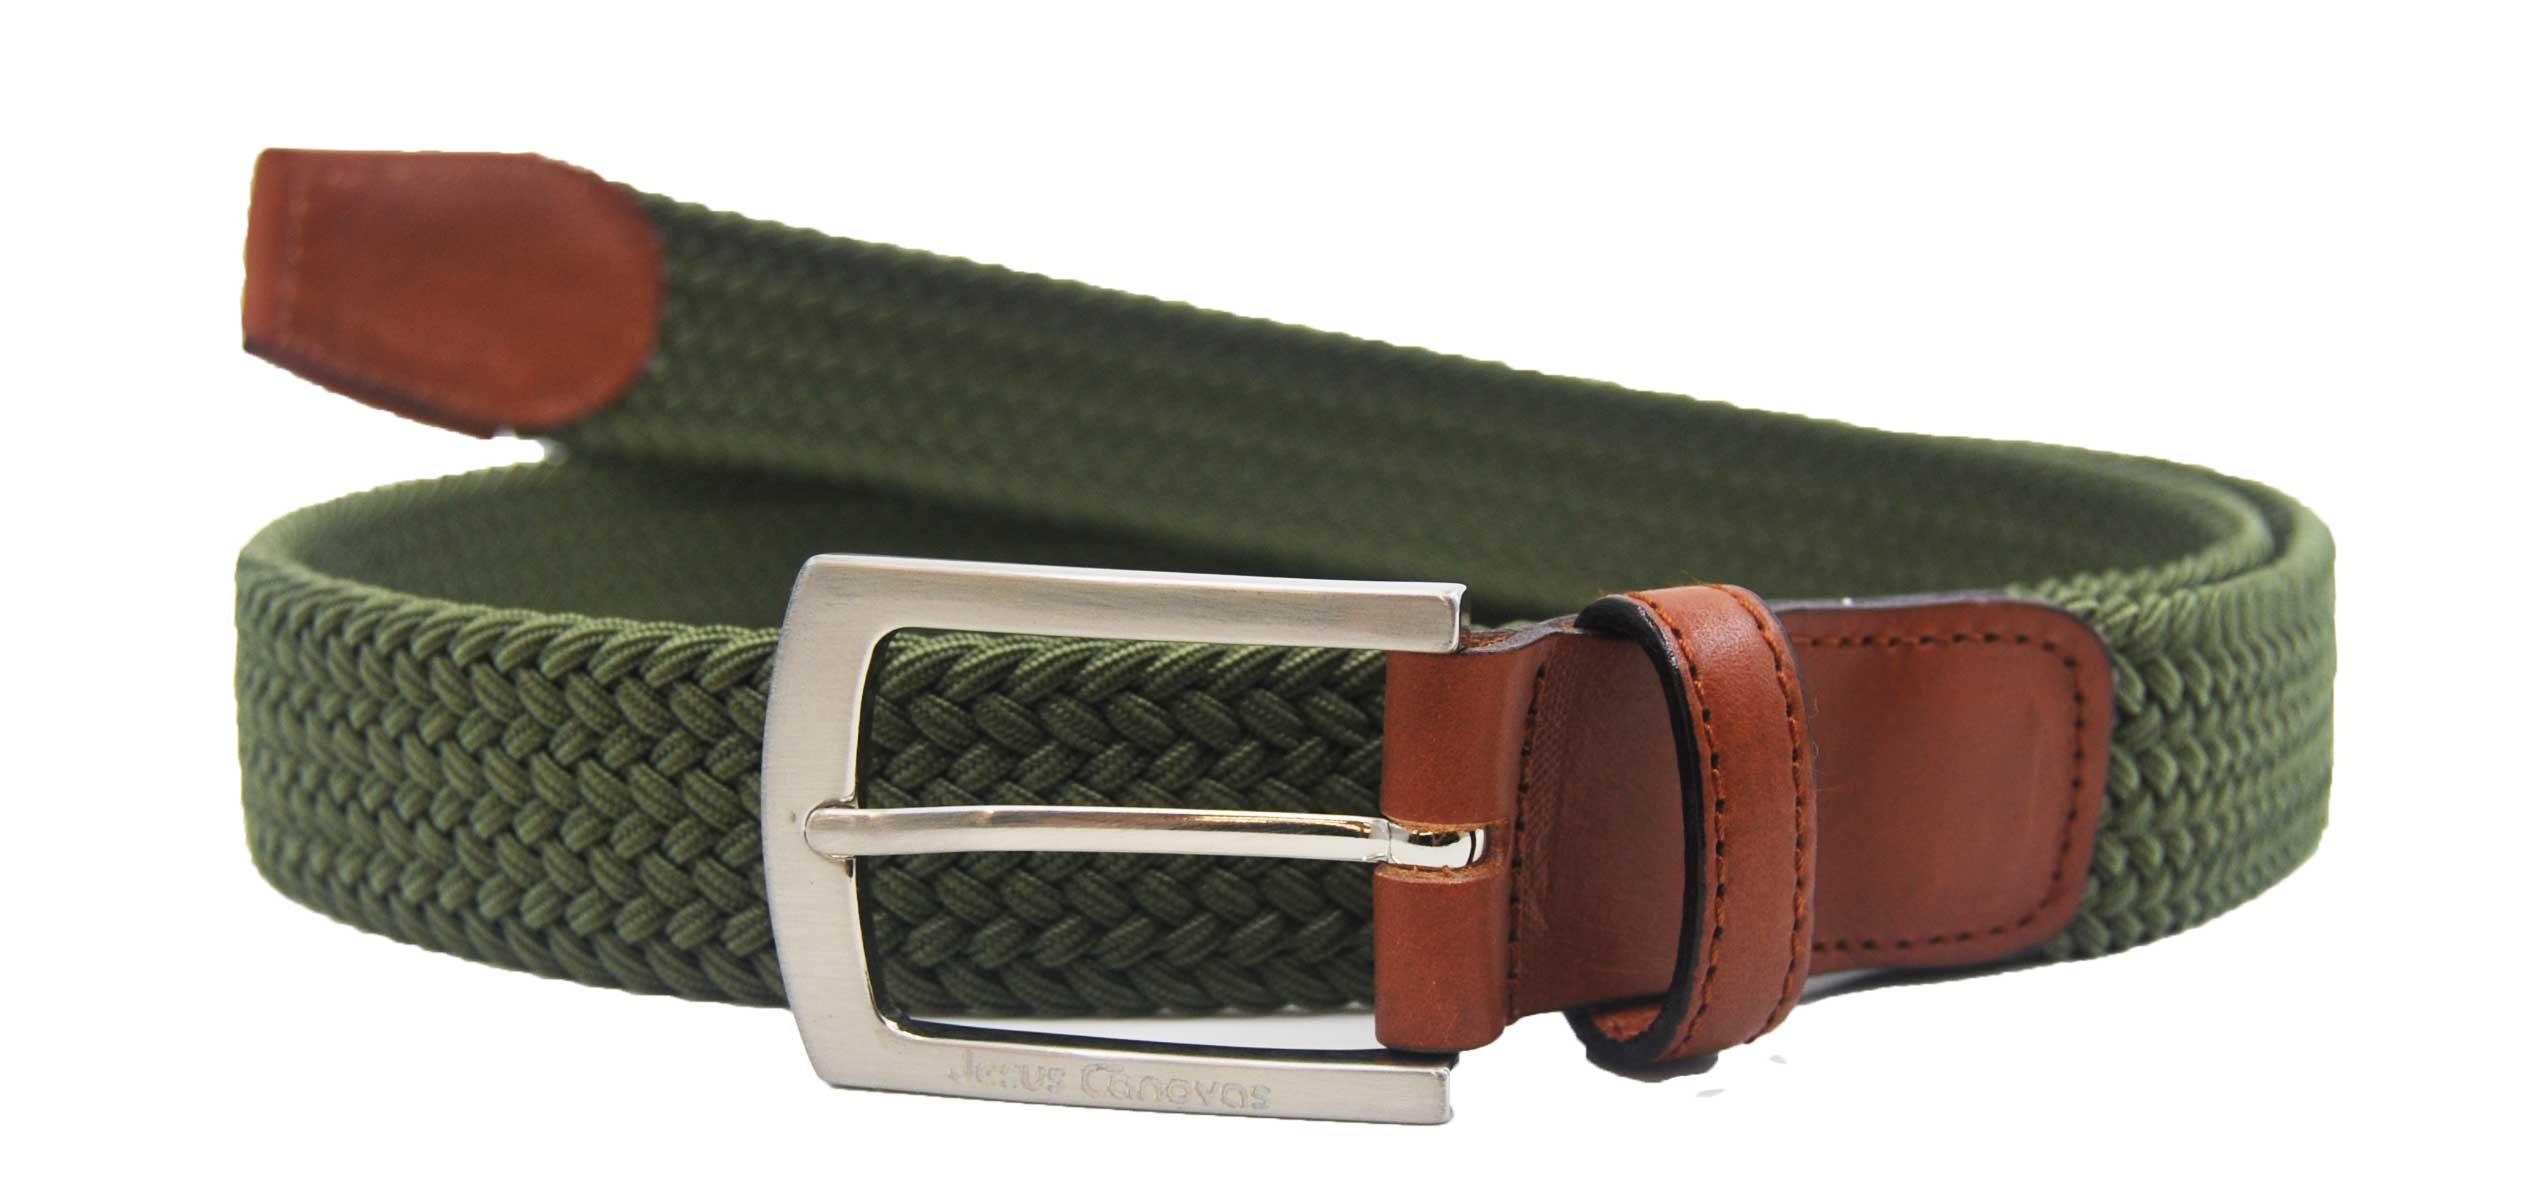 Foto 1 de Cinturon Trenzado Elastico Verde Oliva